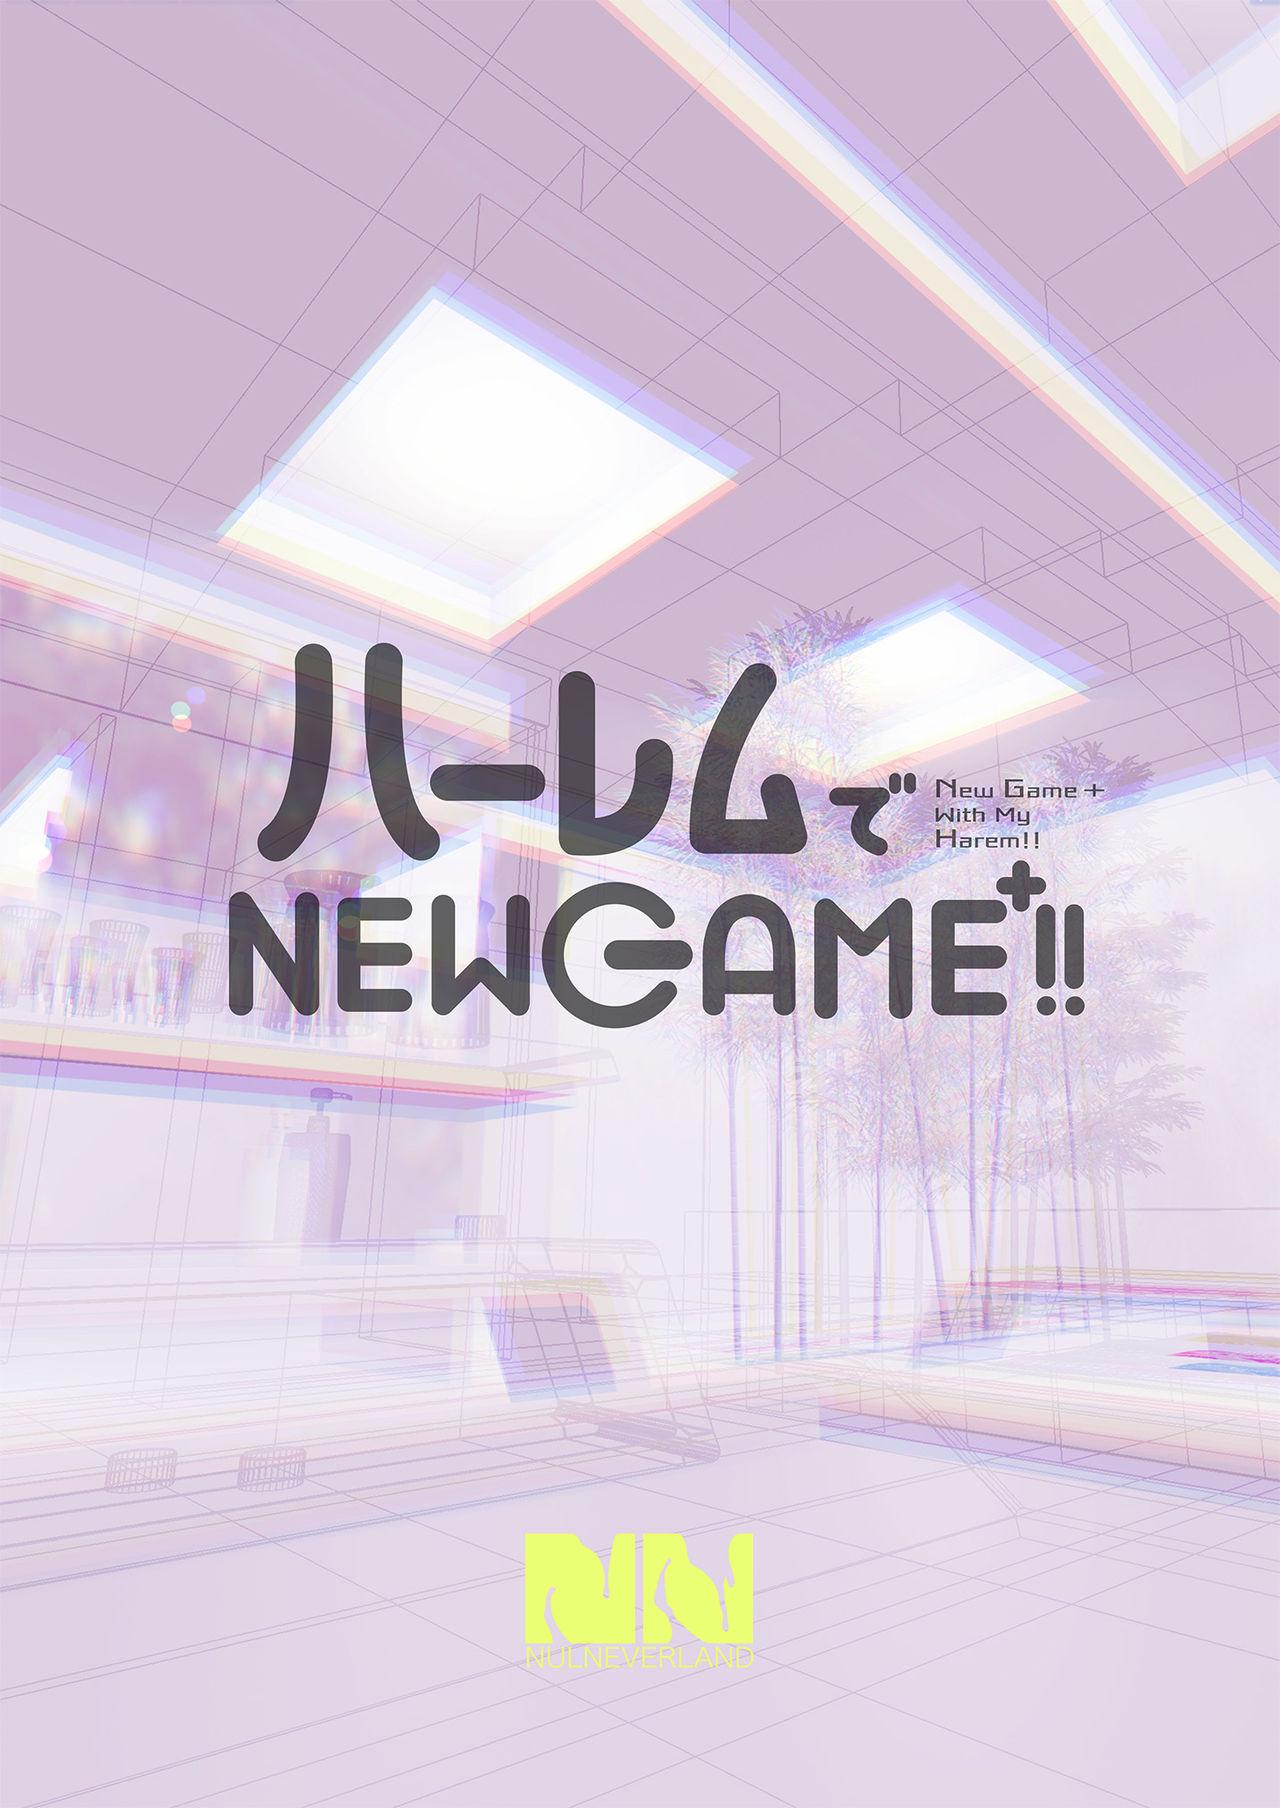 เริ่มเกมใหม่ในโลกของฮาเร็ม 2 ภาพ 21